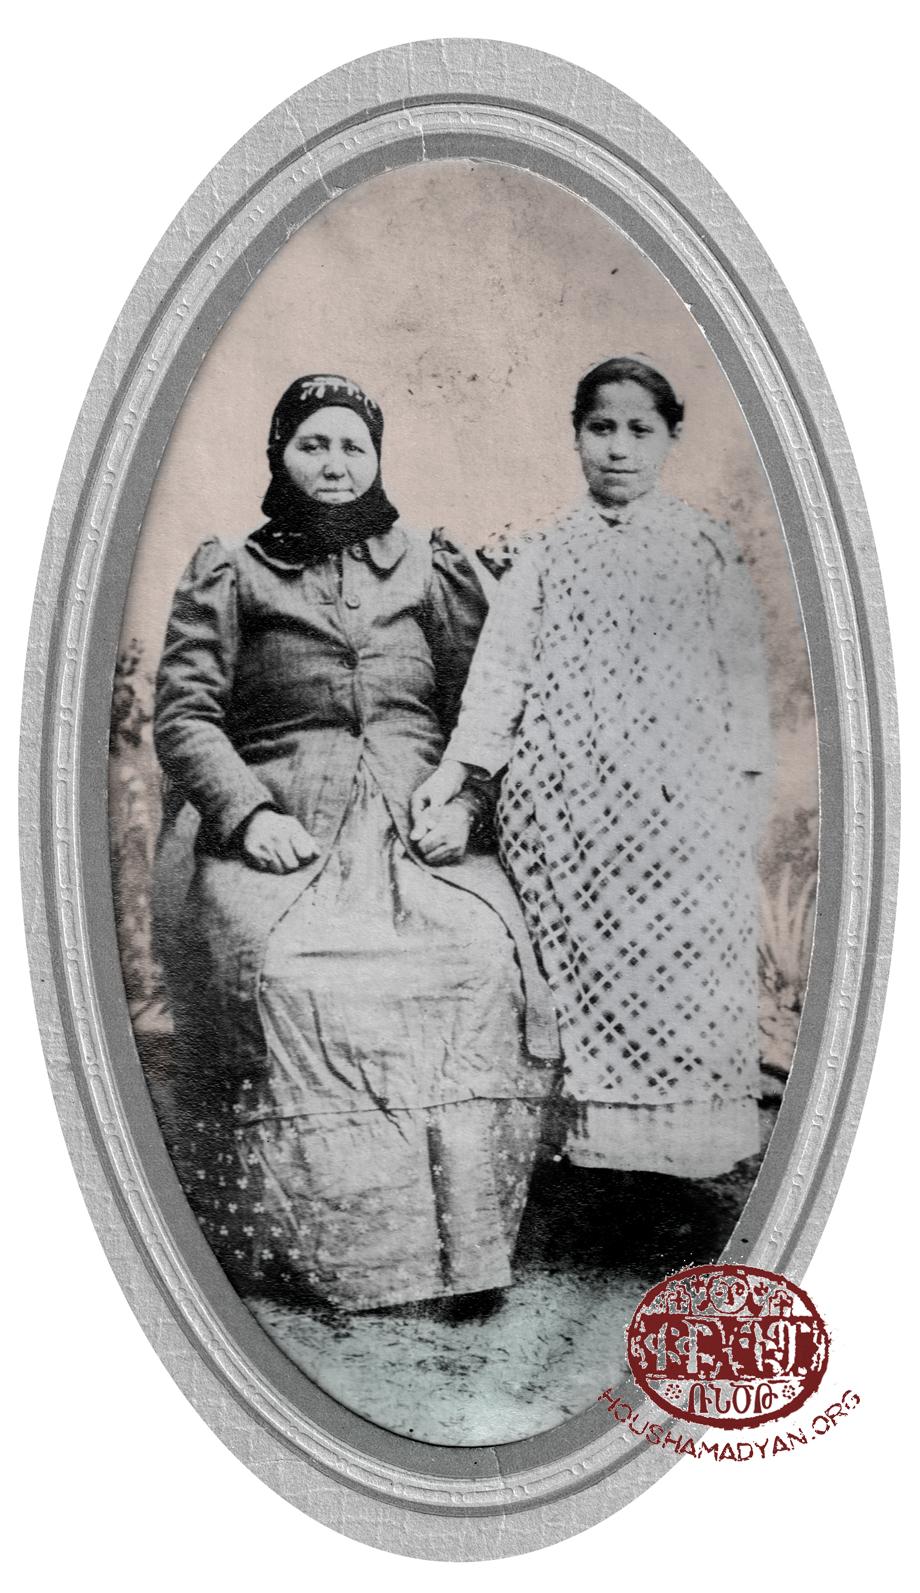 Շէյխ Հաճի, մօտաւորապէս 1910 թուականին. Աննա Պաճին եւ իր քրոջ աղջիկը՝ Հայկանուշ